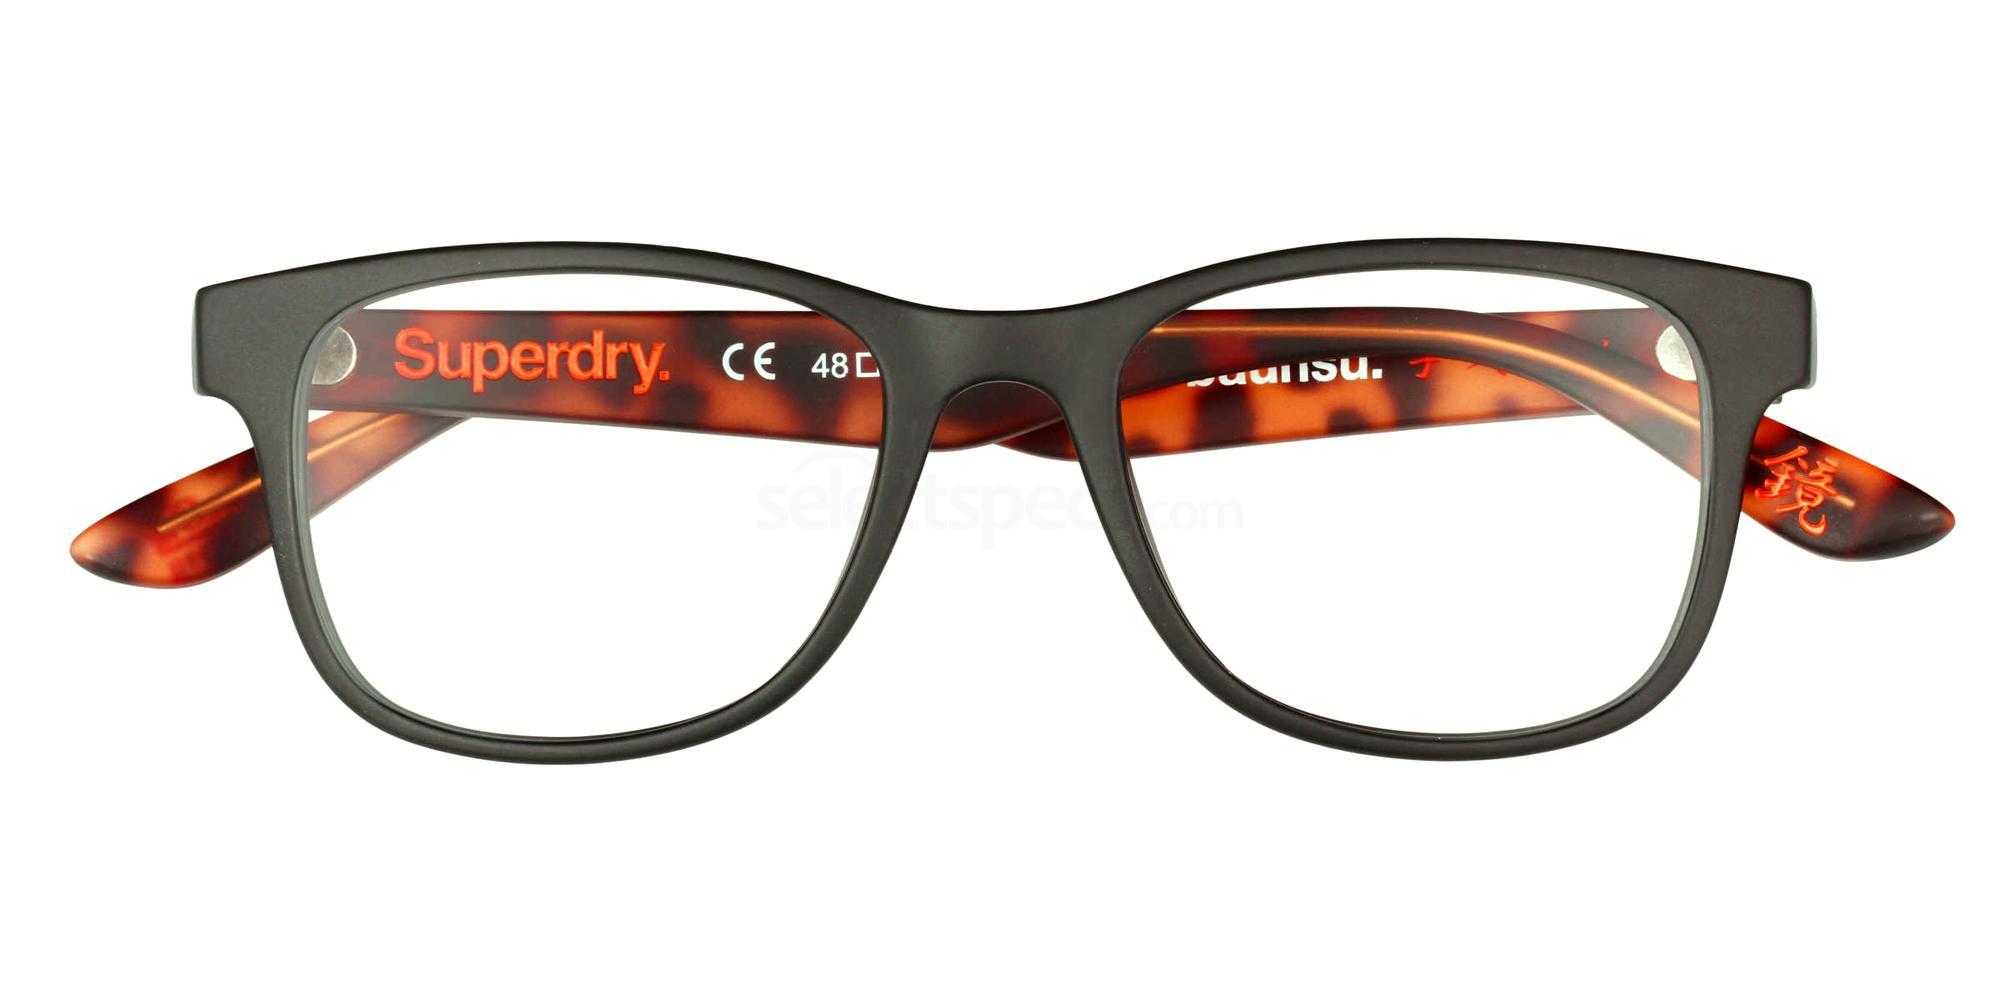 104 SDO-BAUNSU Glasses, Superdry